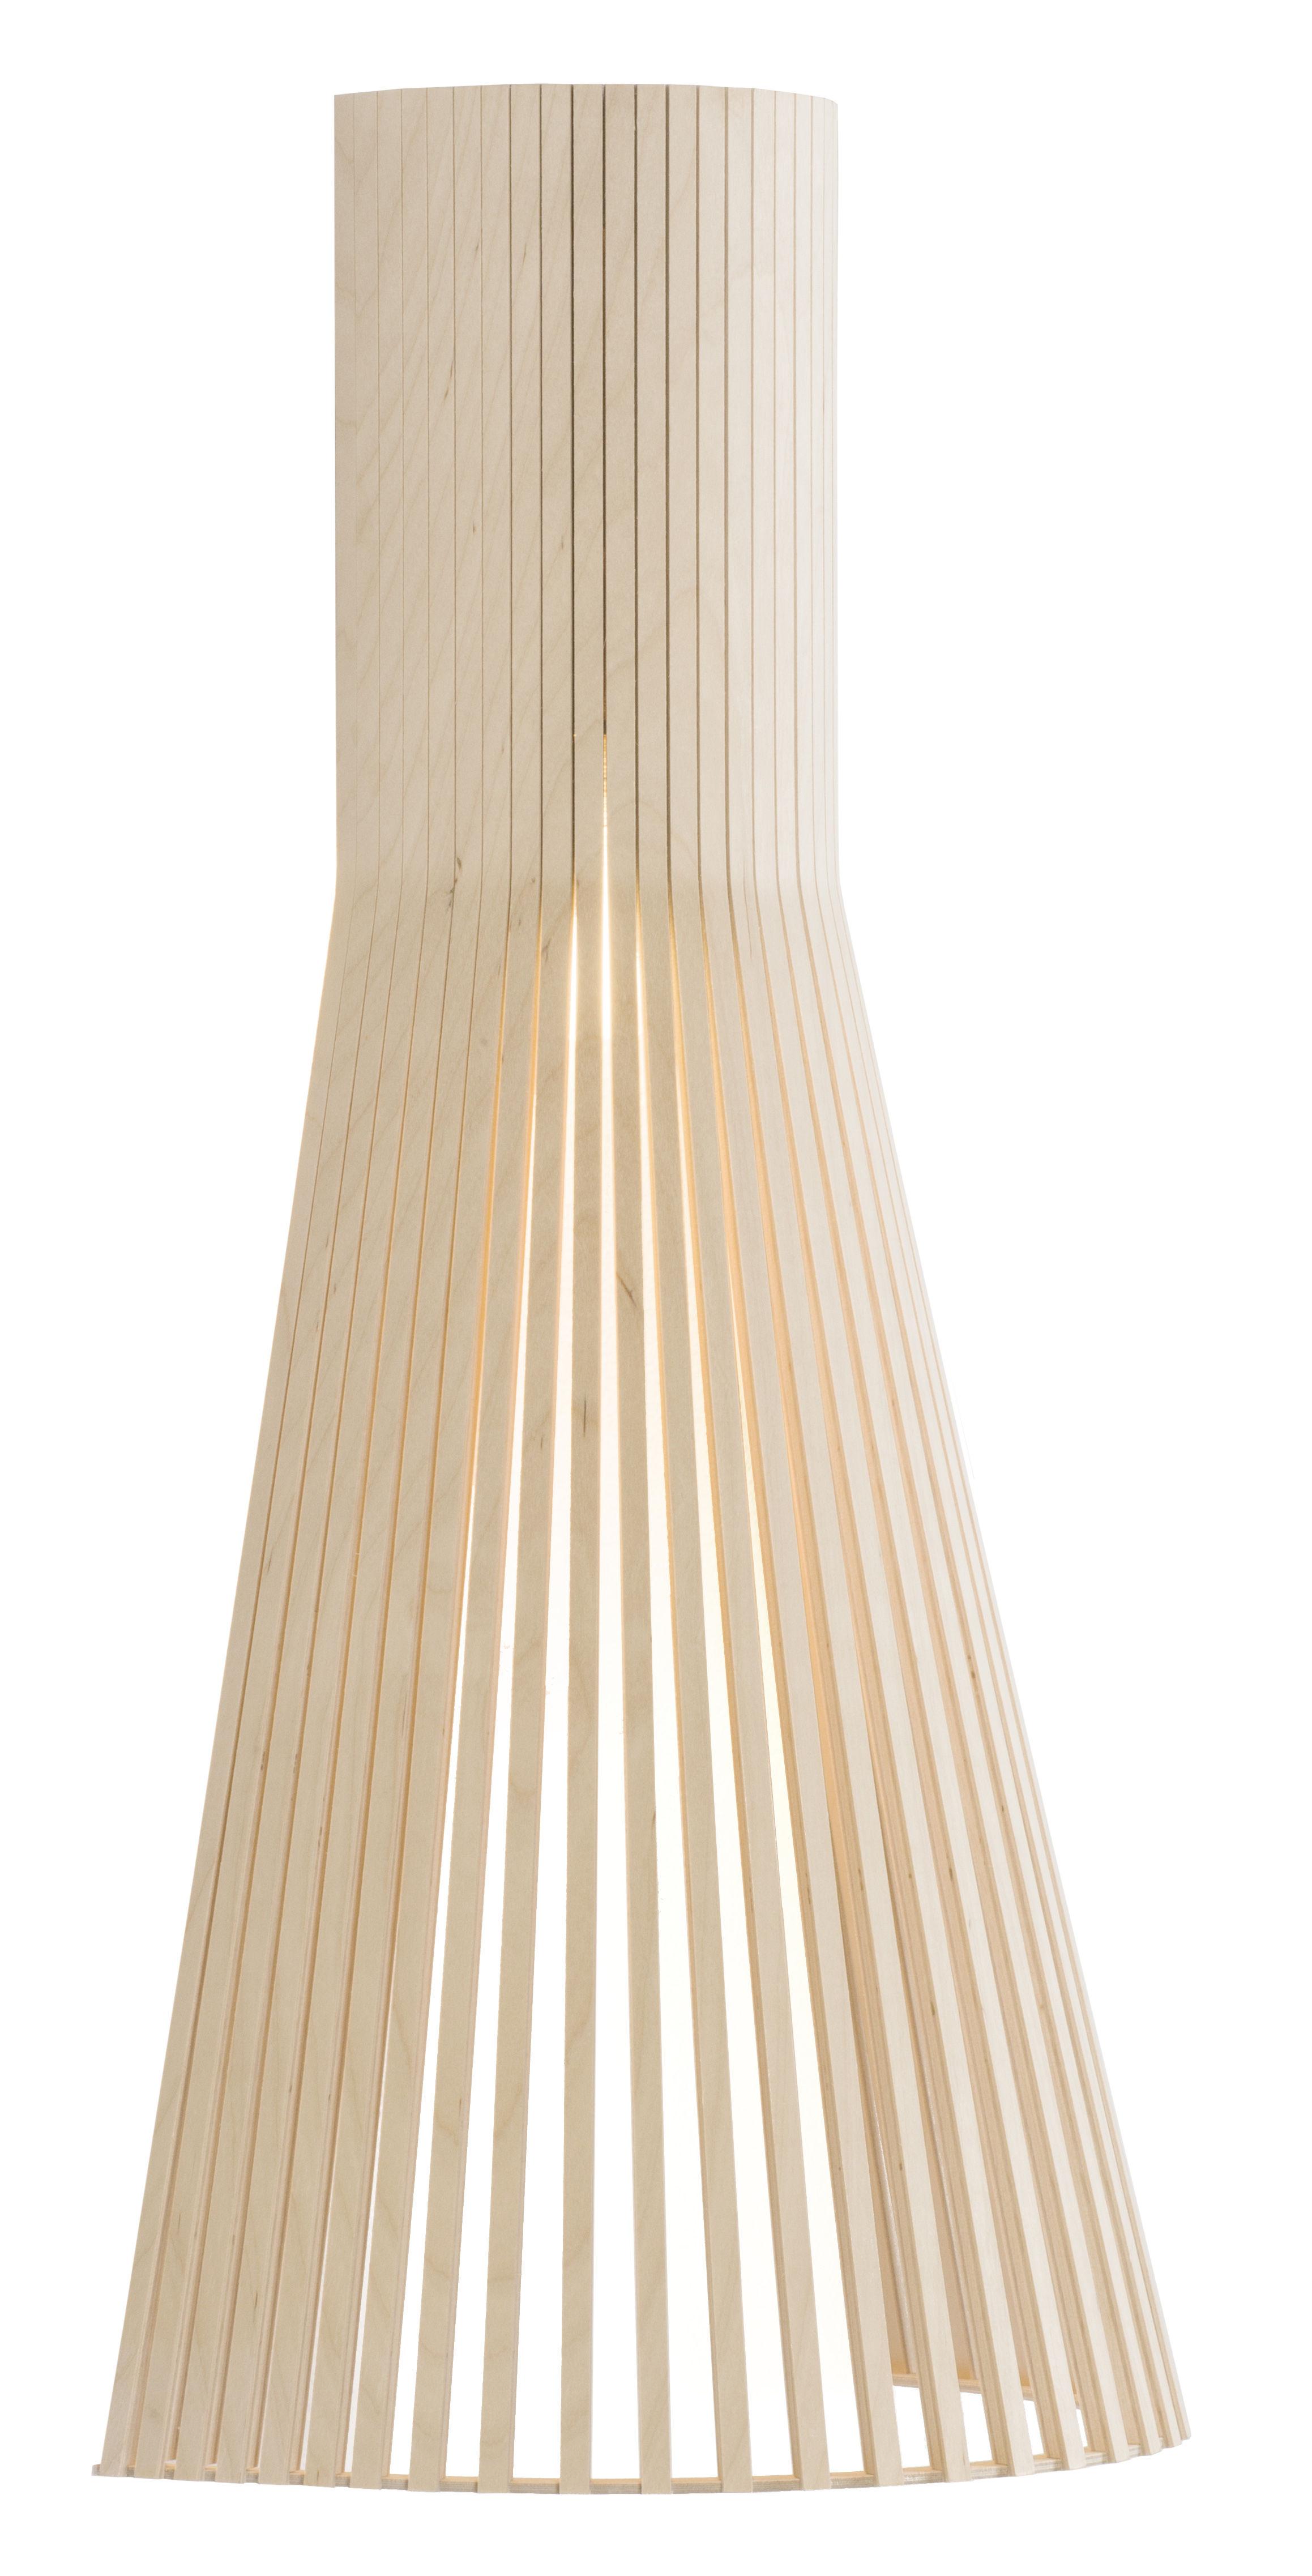 Illuminazione - Lampade da parete - Applique con presa Secto L - / H 60 cm di Secto Design - Betulla naturale / Cavo bianco - Doghe di betulla